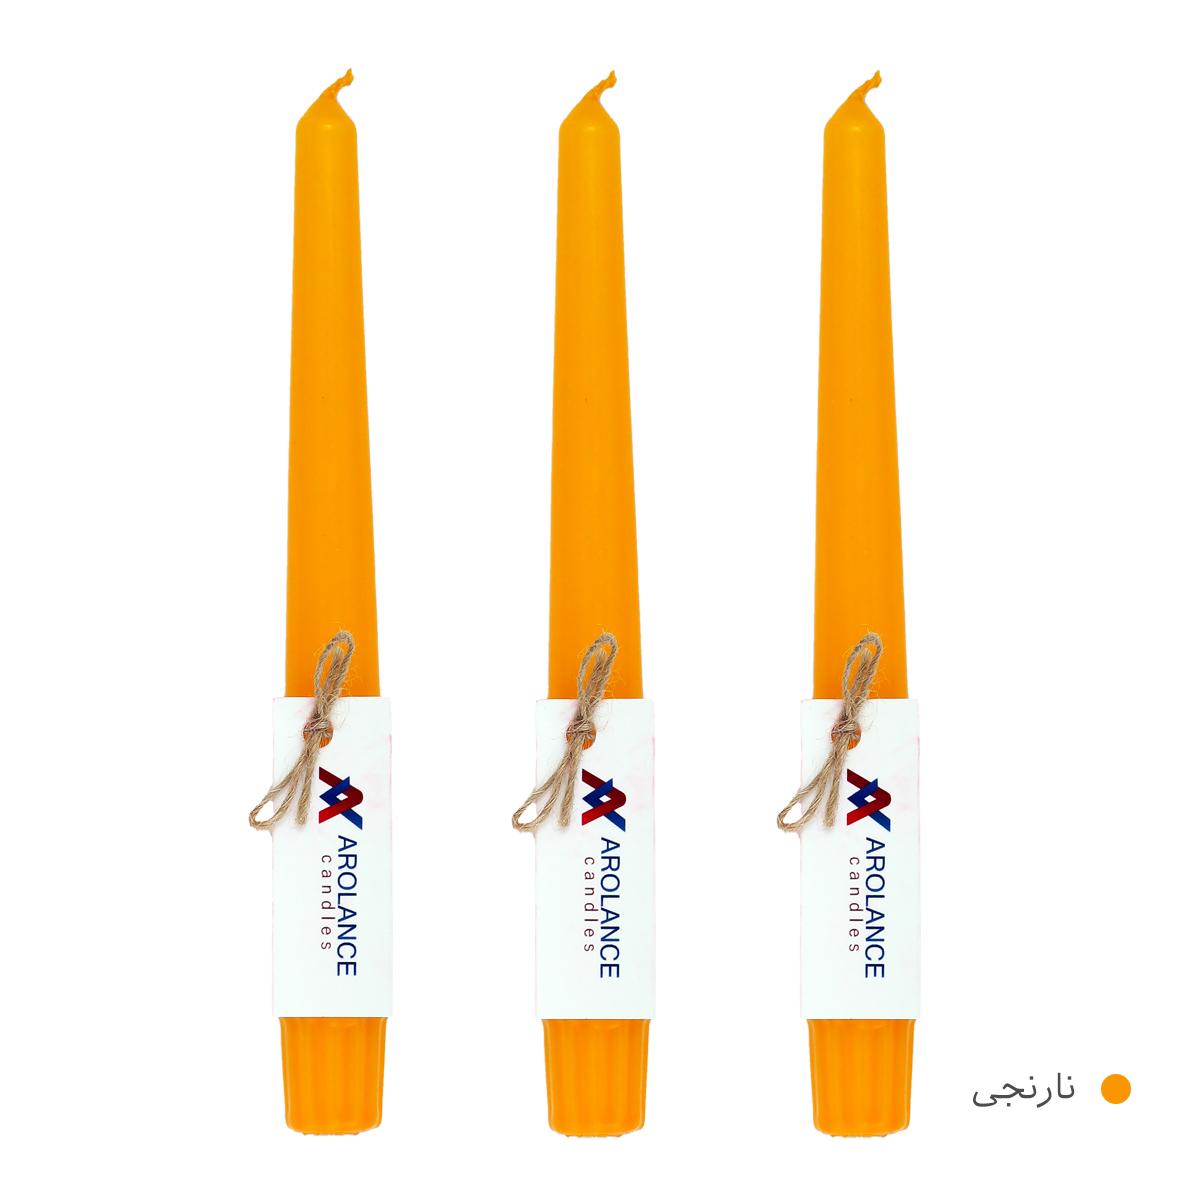 شمع آرولنس طرح قلمی مدل H20 بسته 3 عددی main 1 5